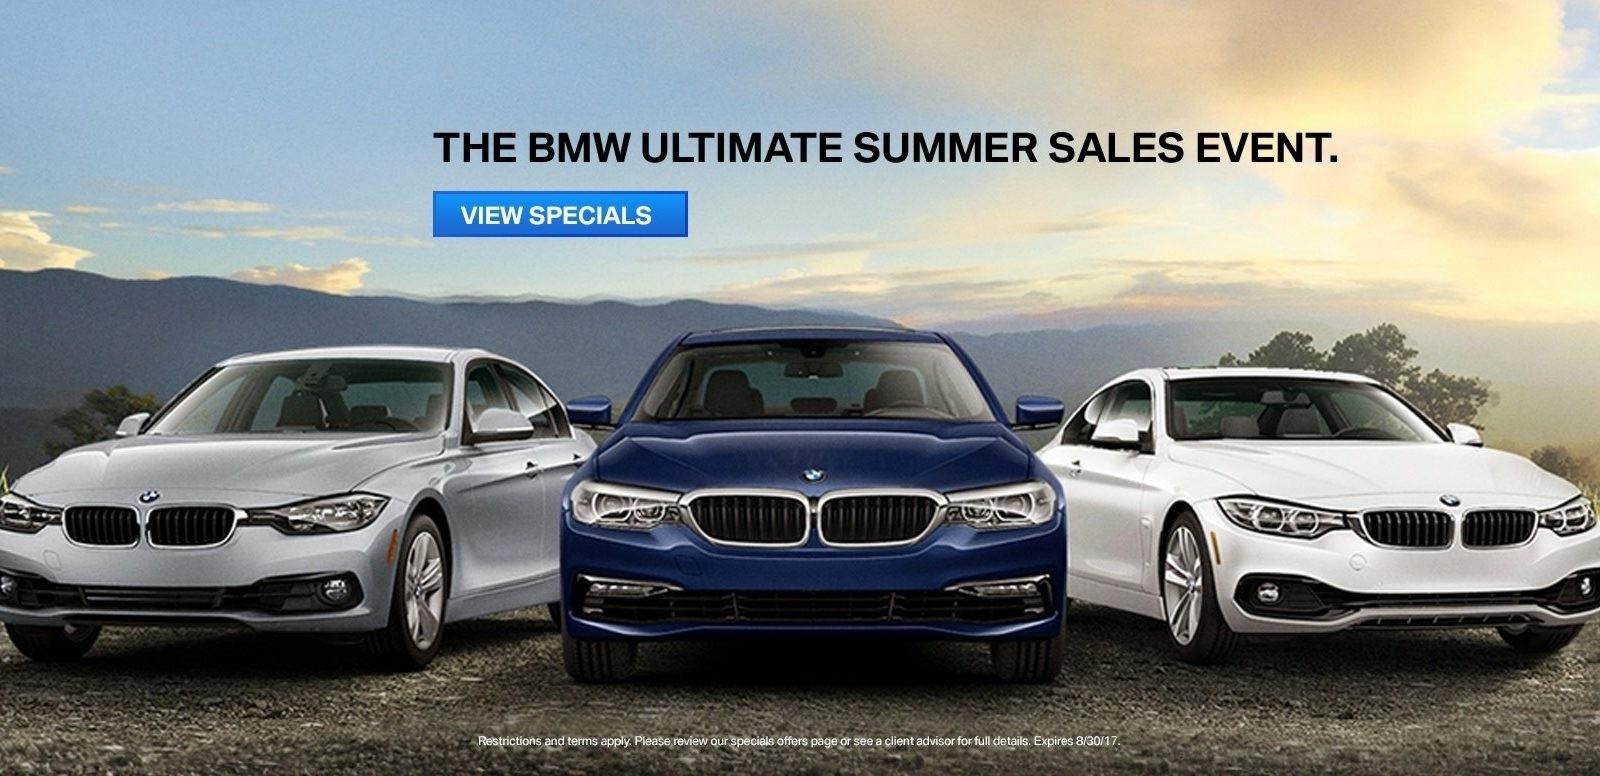 Schomp BMW in Highlands Ranch, CO | Luxury Auto Dealer